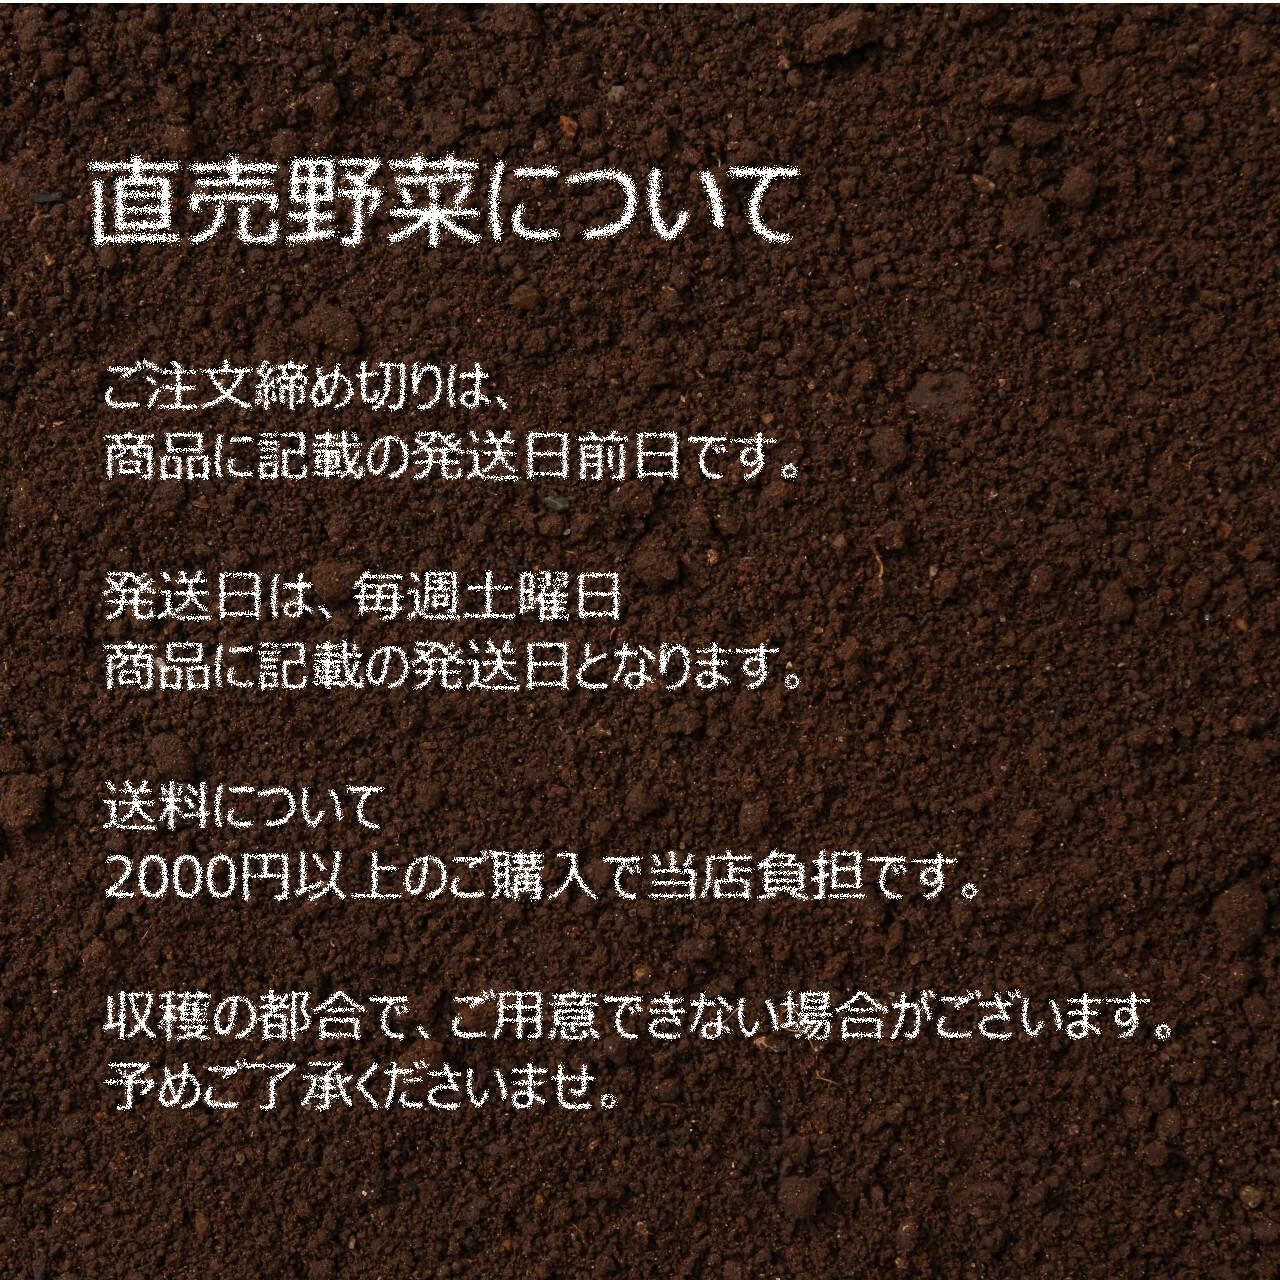 朝採り直売野菜 インゲン 100g 春の新鮮野菜 5月16日発送予定